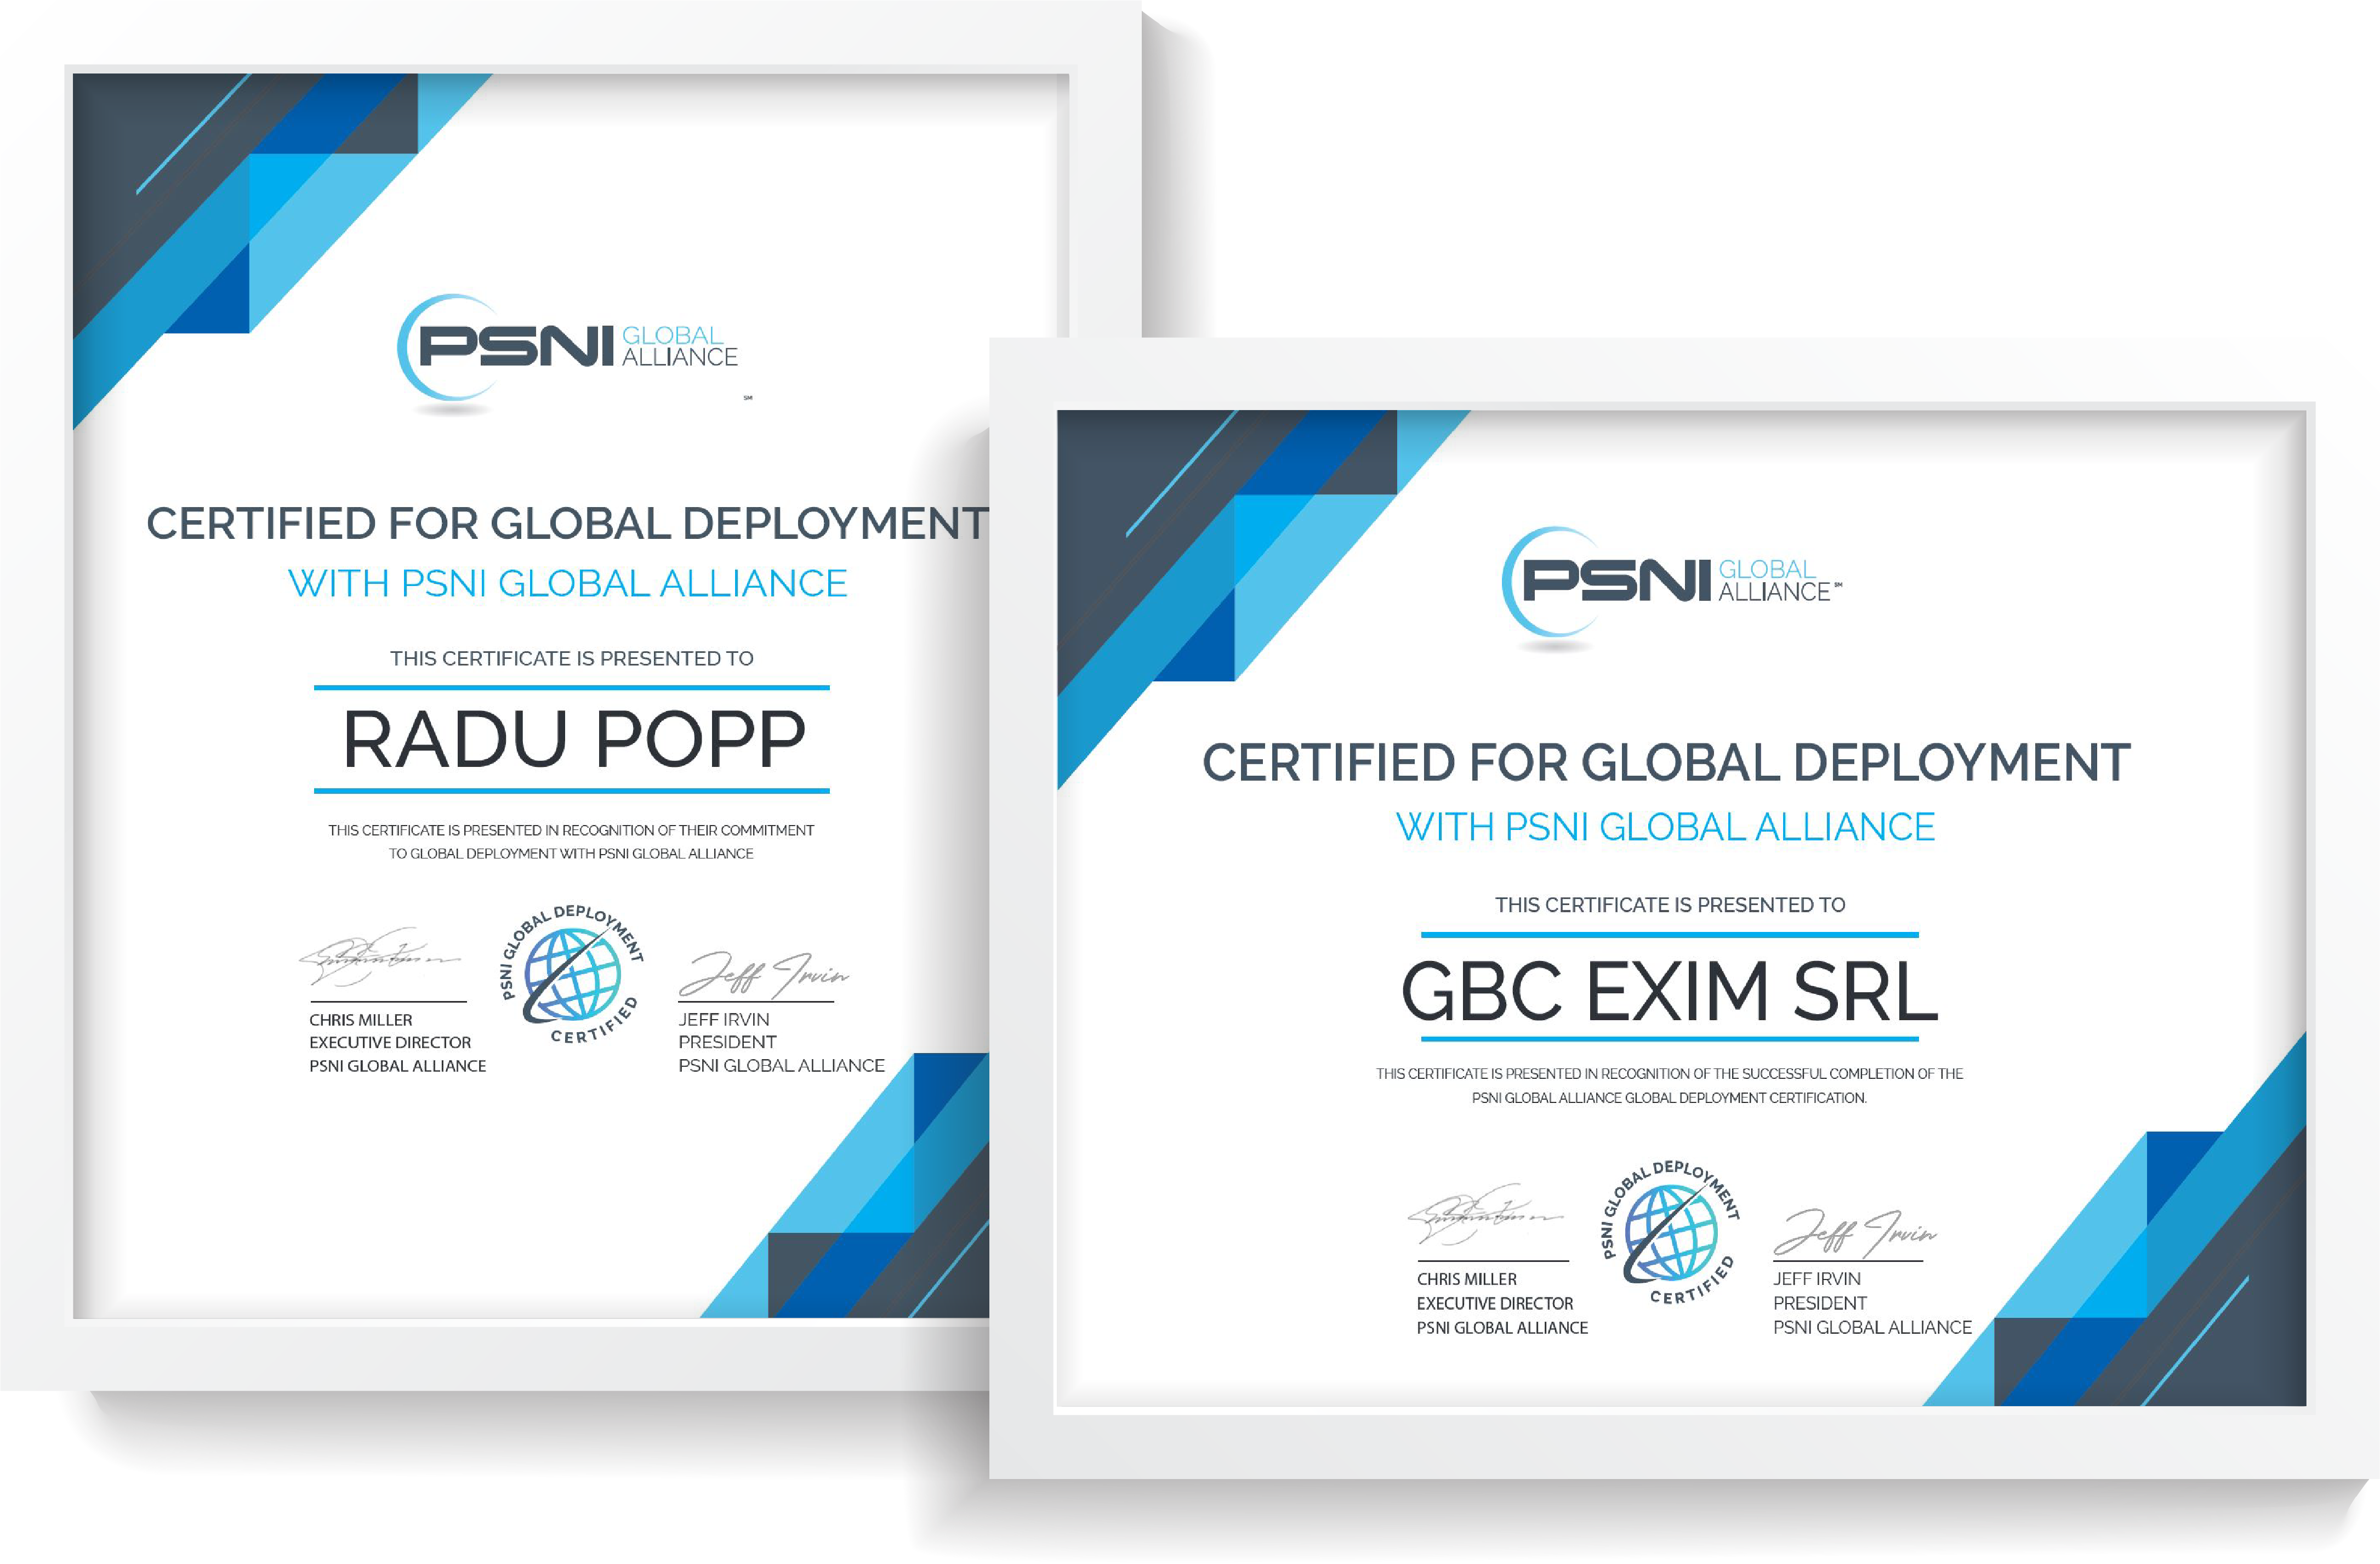 radu popp este integrator psni certificat